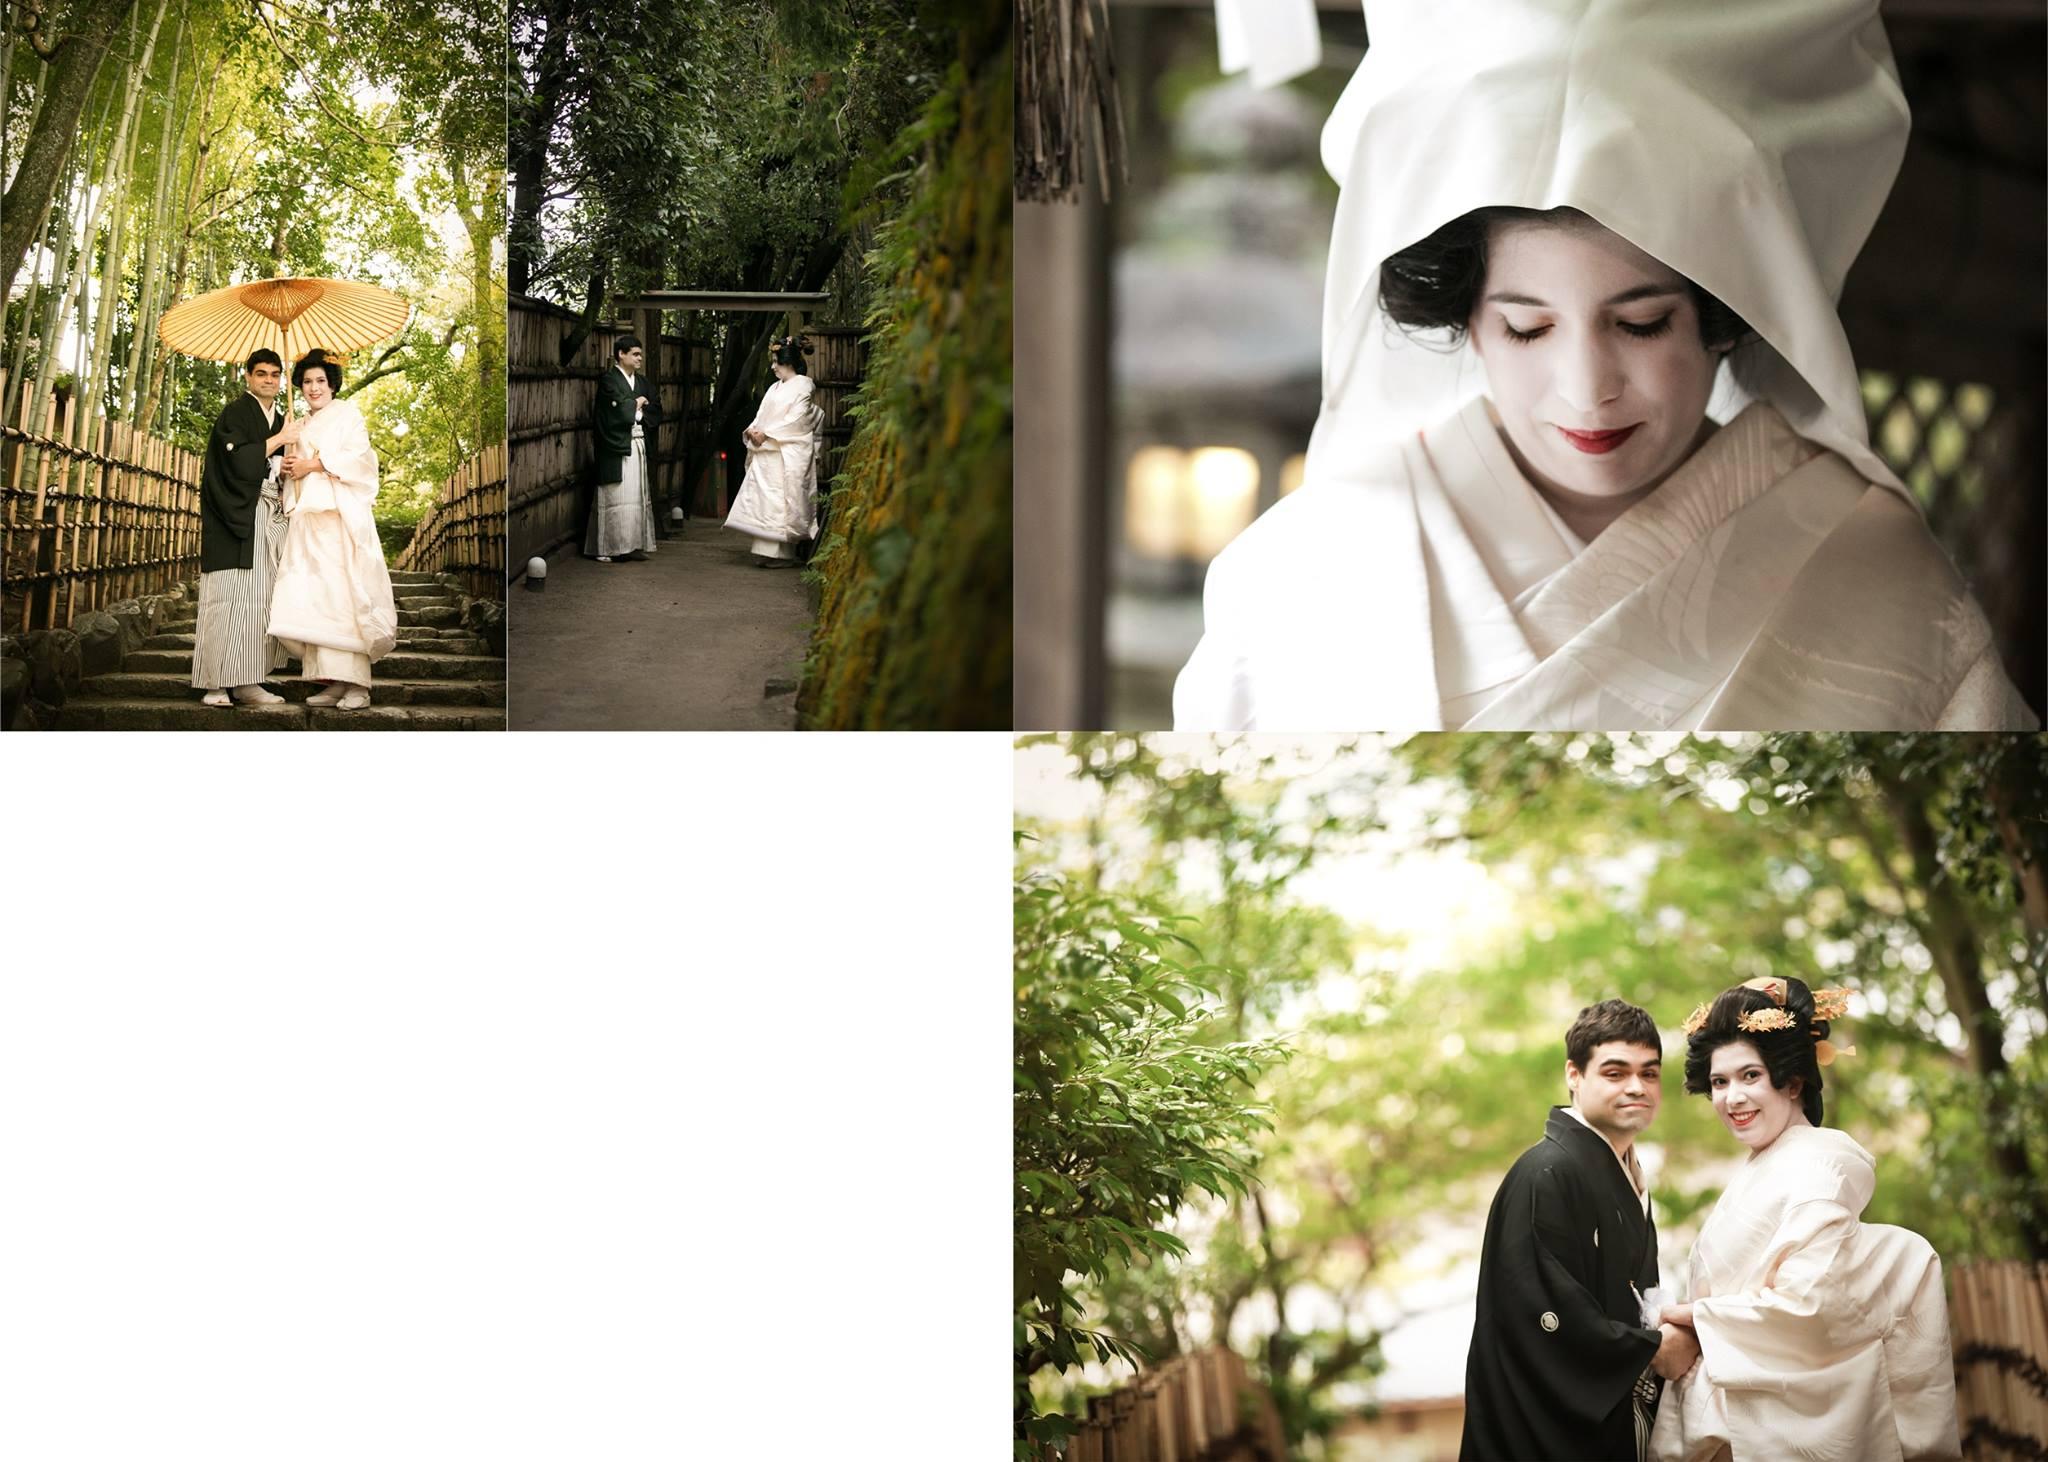 和婚礼の京都、バウリニューアル